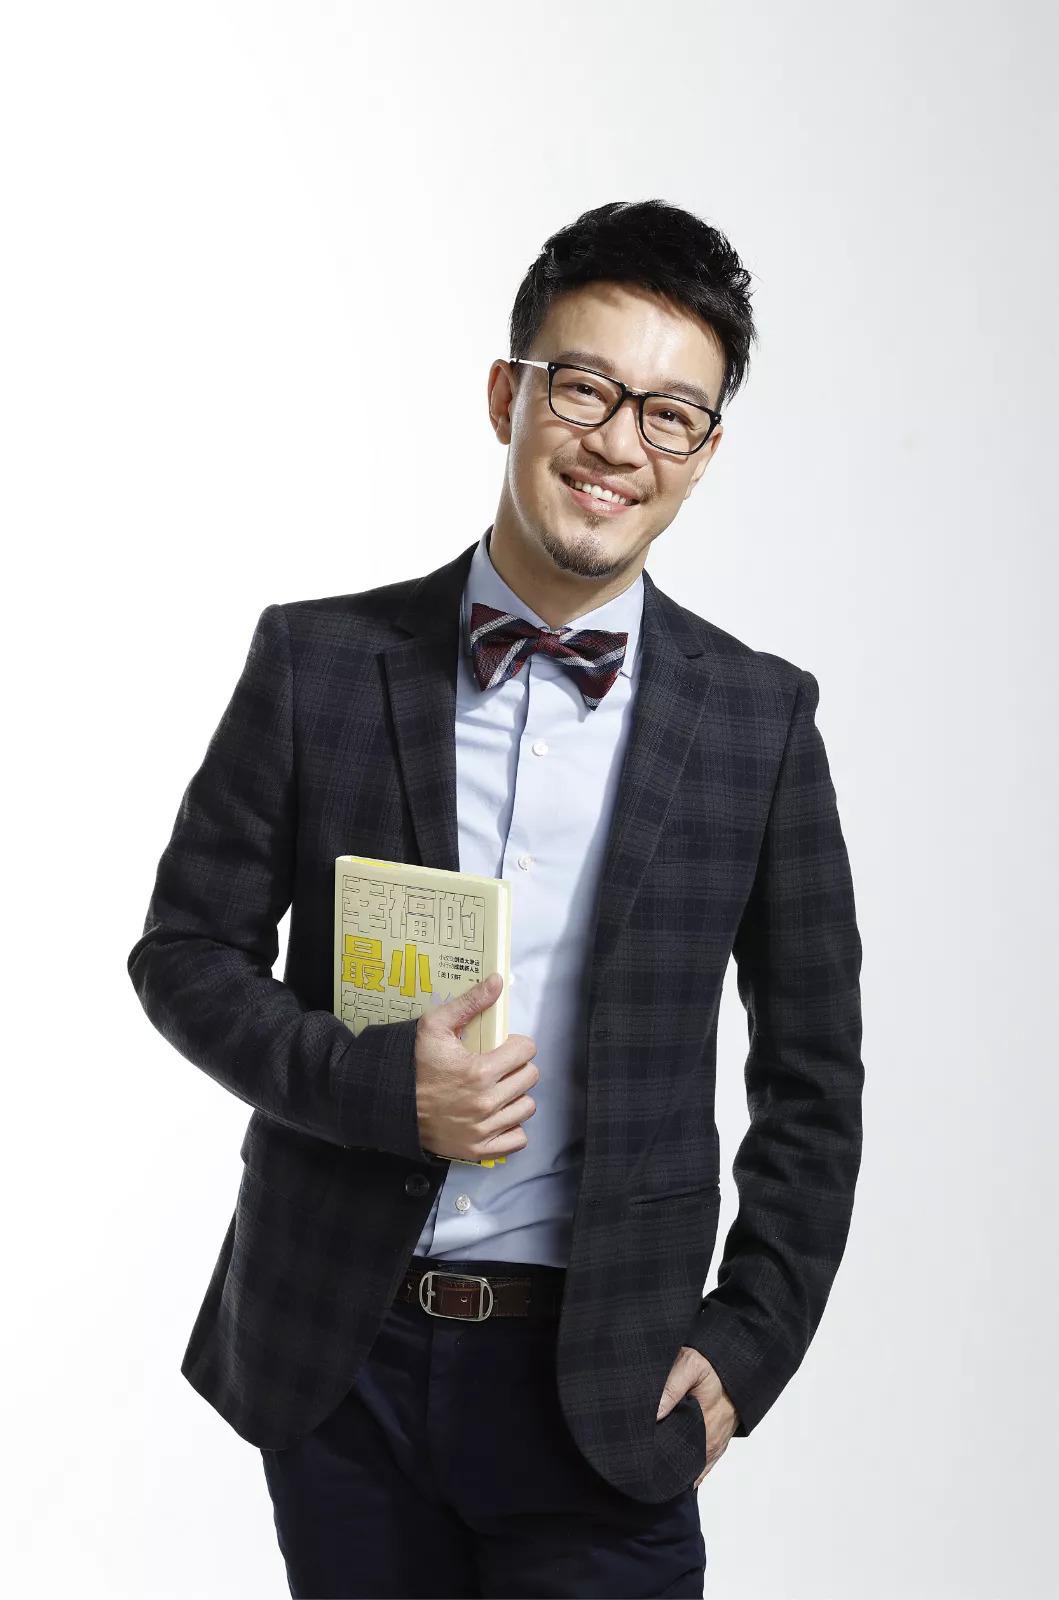 对话哈佛男神刘轩 | 提升学习效率,这两招是关键